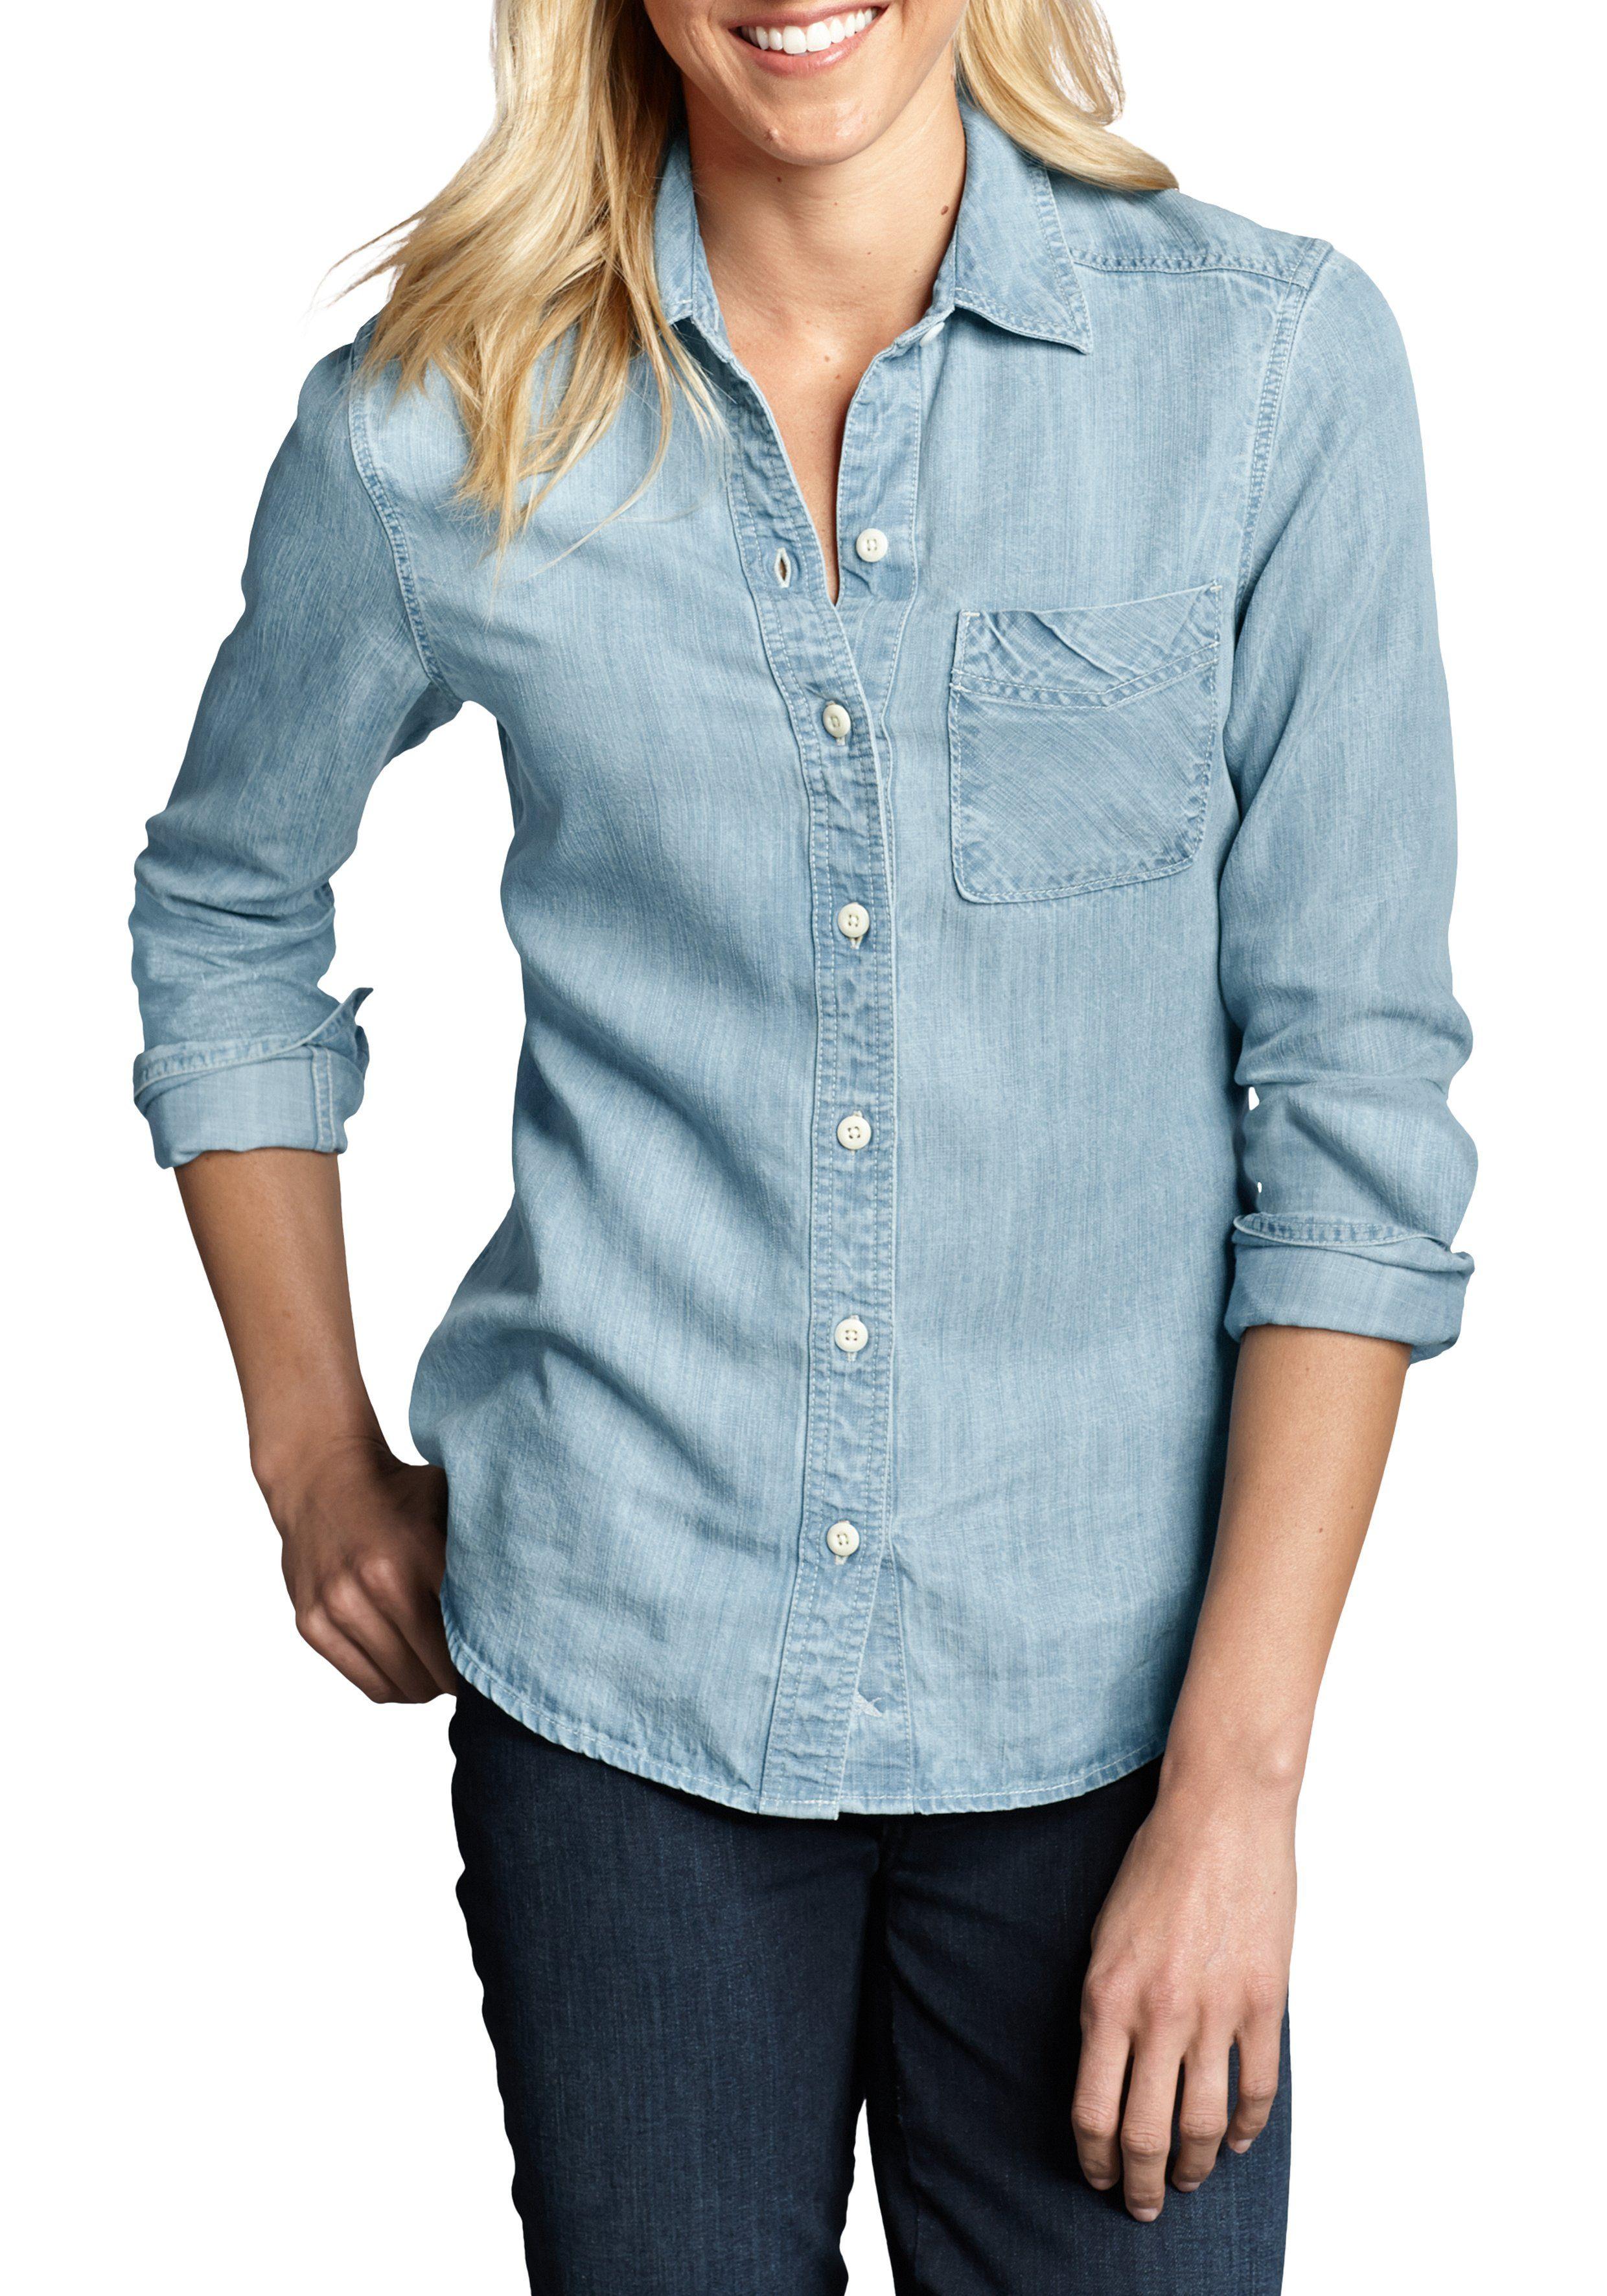 Eddie Bauer Tencel® Bluse in Jeans-Optik